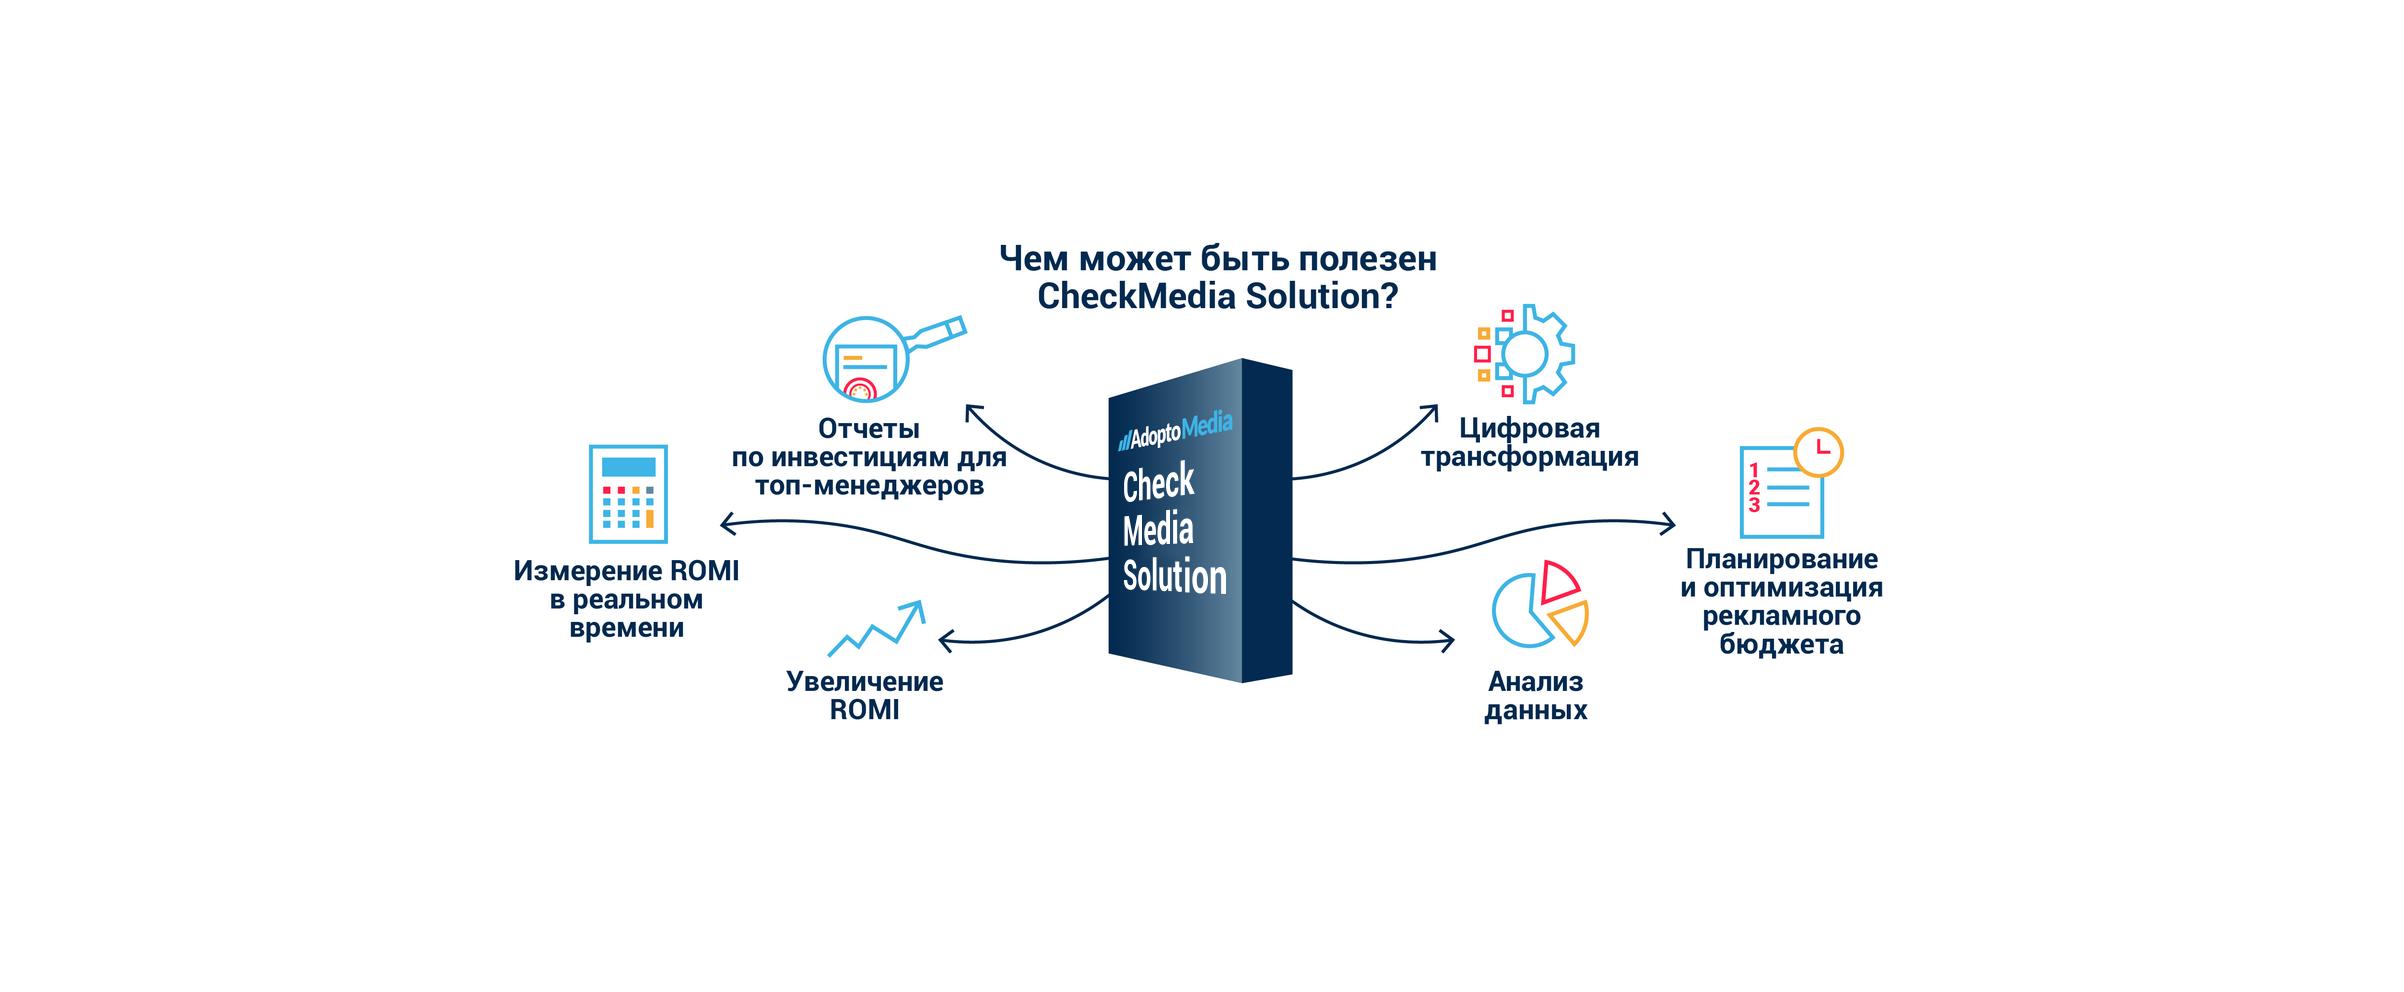 Оптимизация рекламы, автоматизация рекламы, цифровая трансформация, оптимизация рекламного бюджета, прозрачность, комплаенс, Checkmedia solution